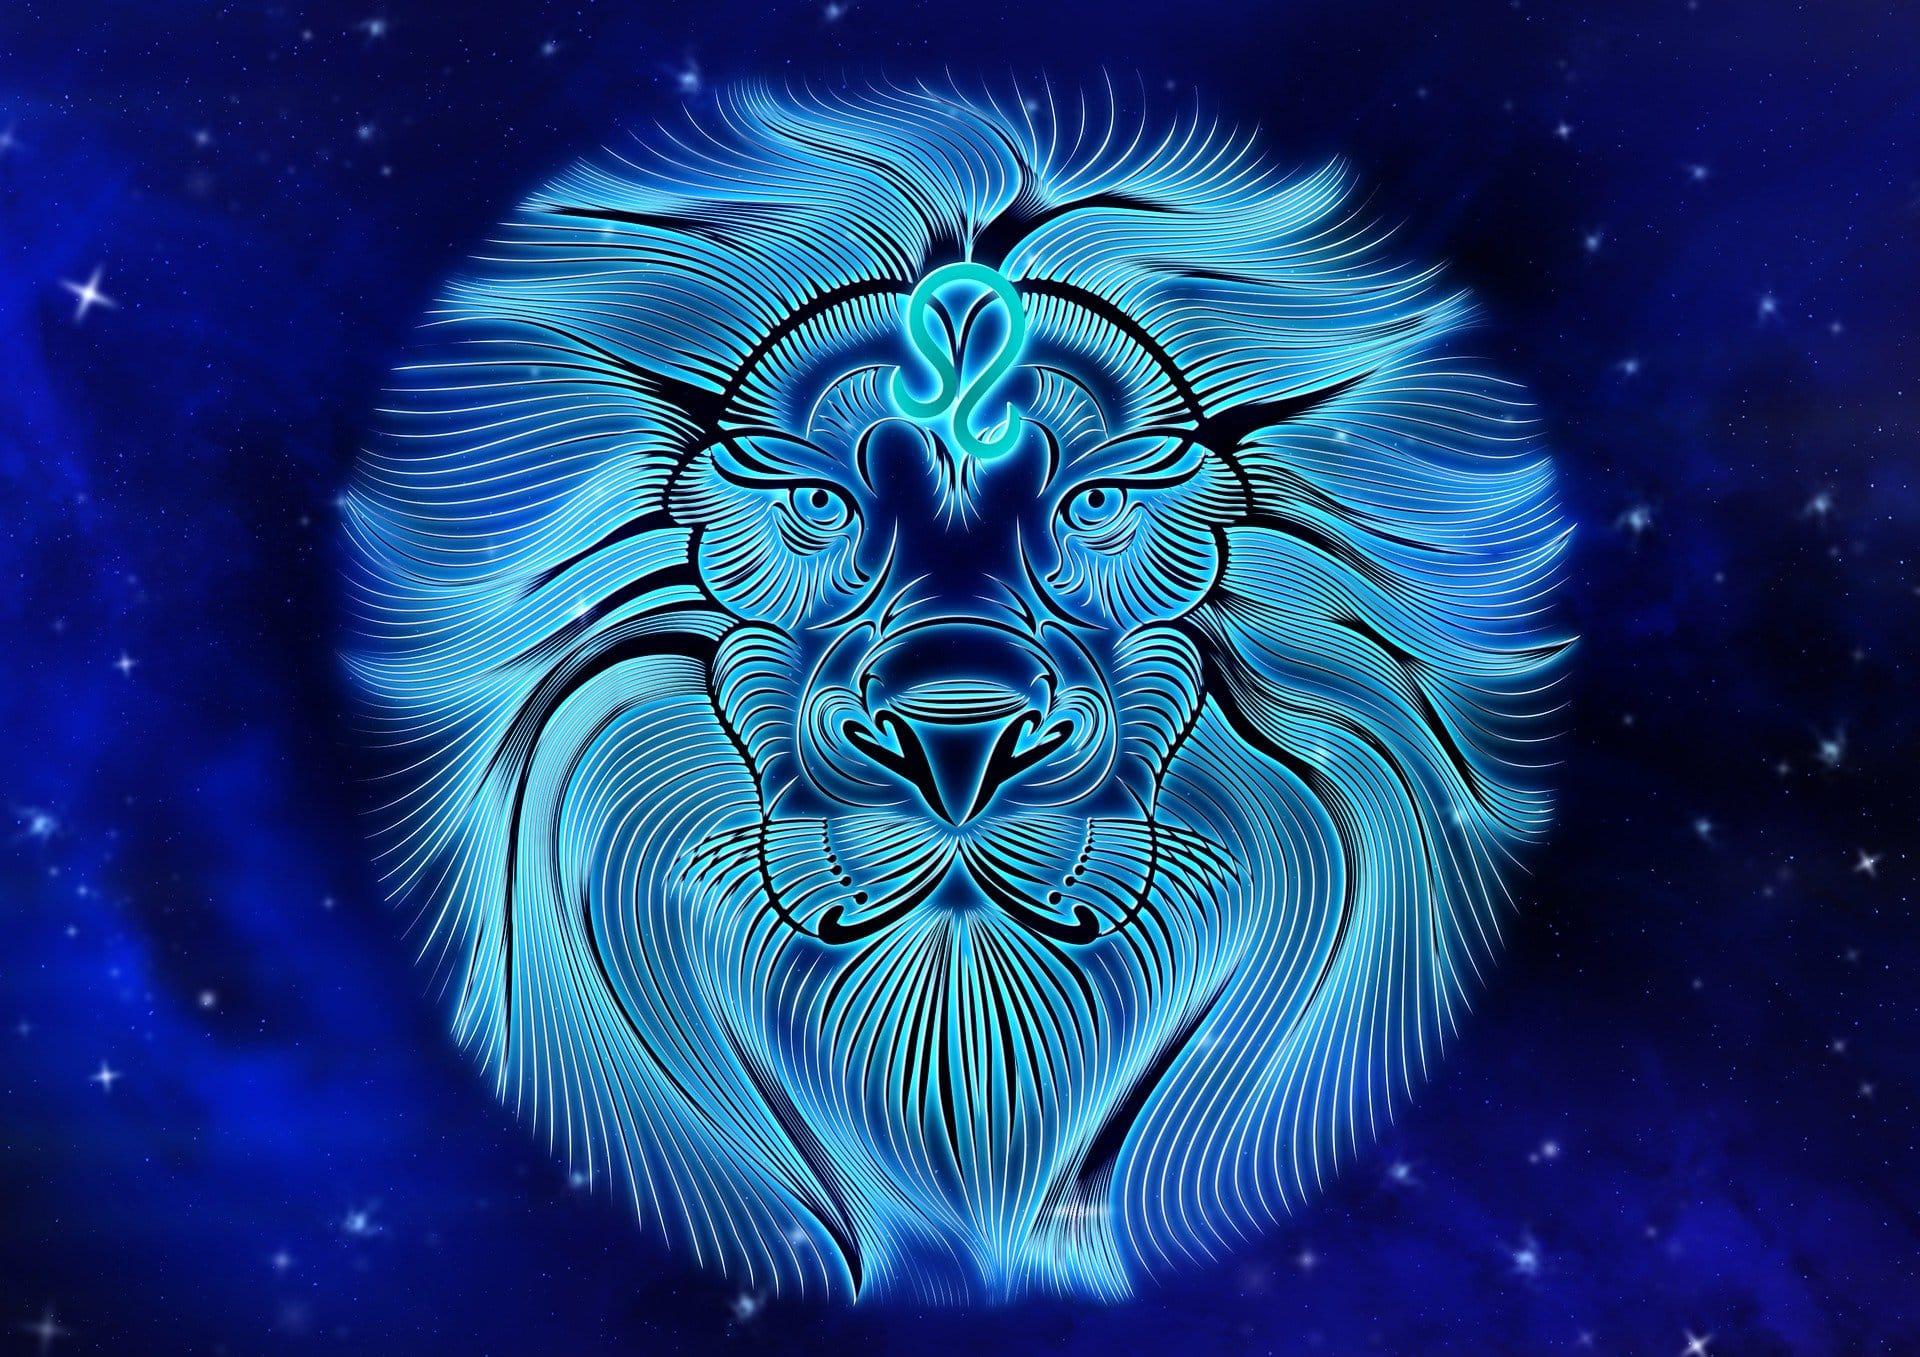 Horoscop Leu azi, 29 iulie 2021. Leii vor avea tendința să nu-și respecte prietenii așa cum ar trebui